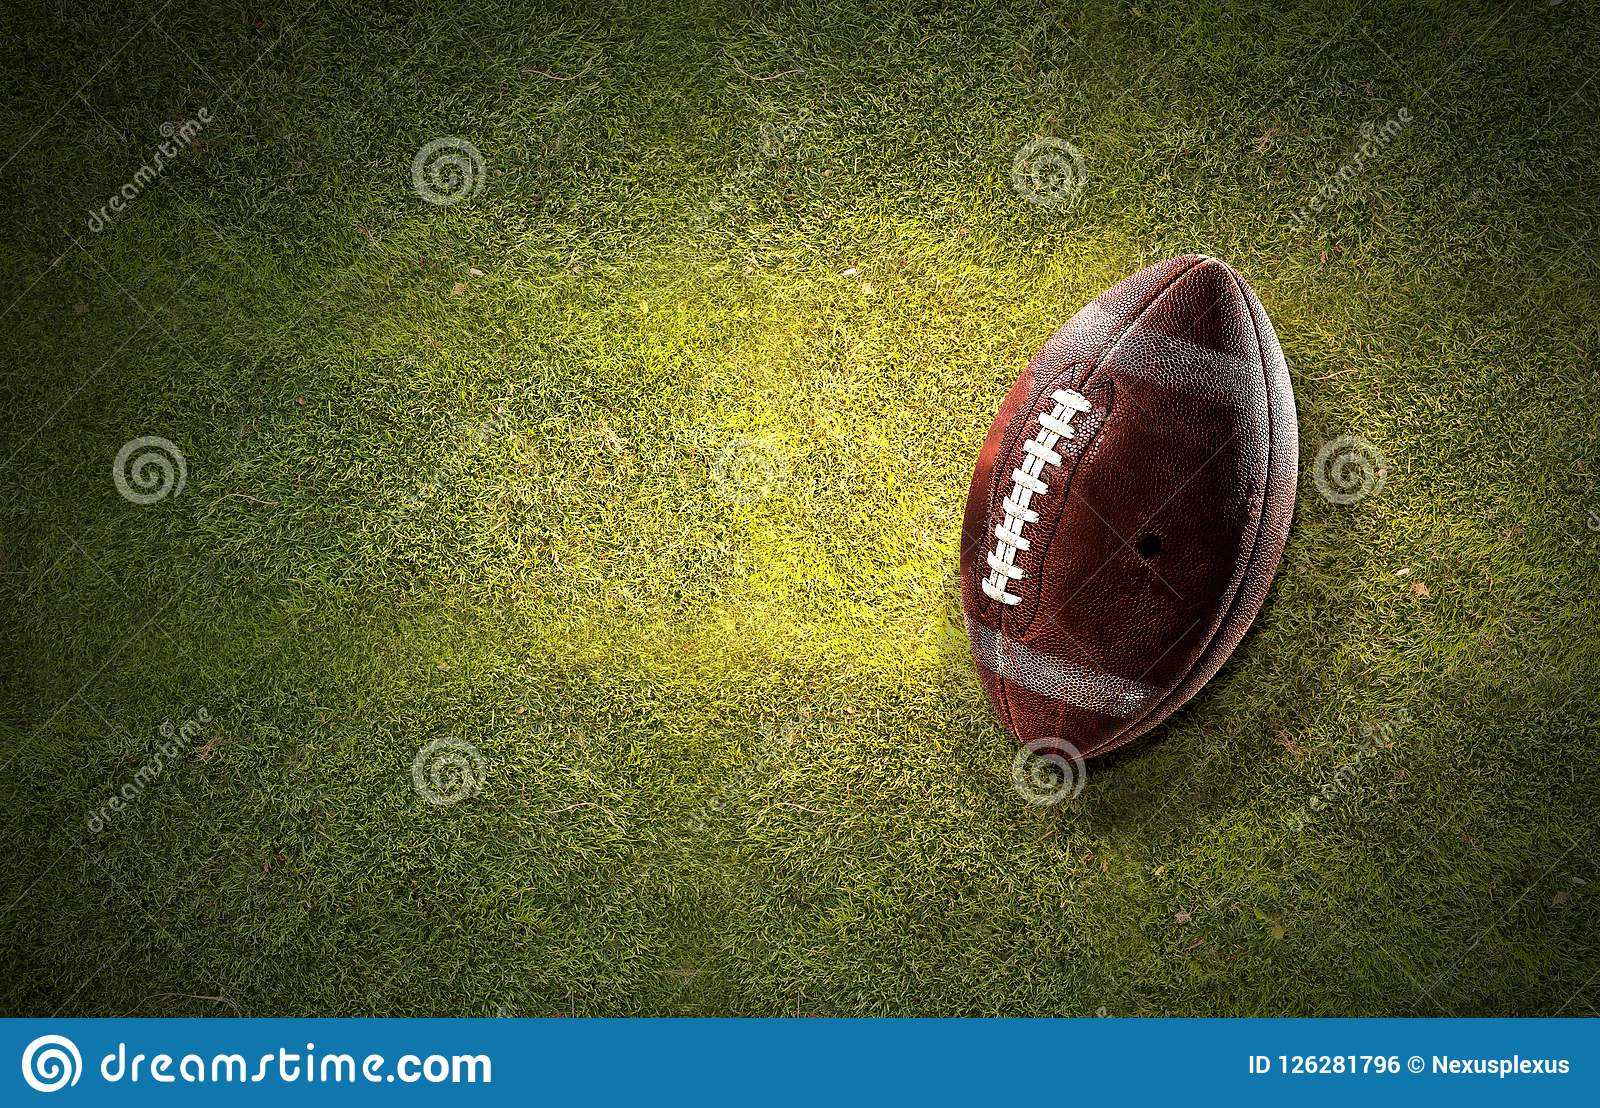 Boule de rugby sur l herbe